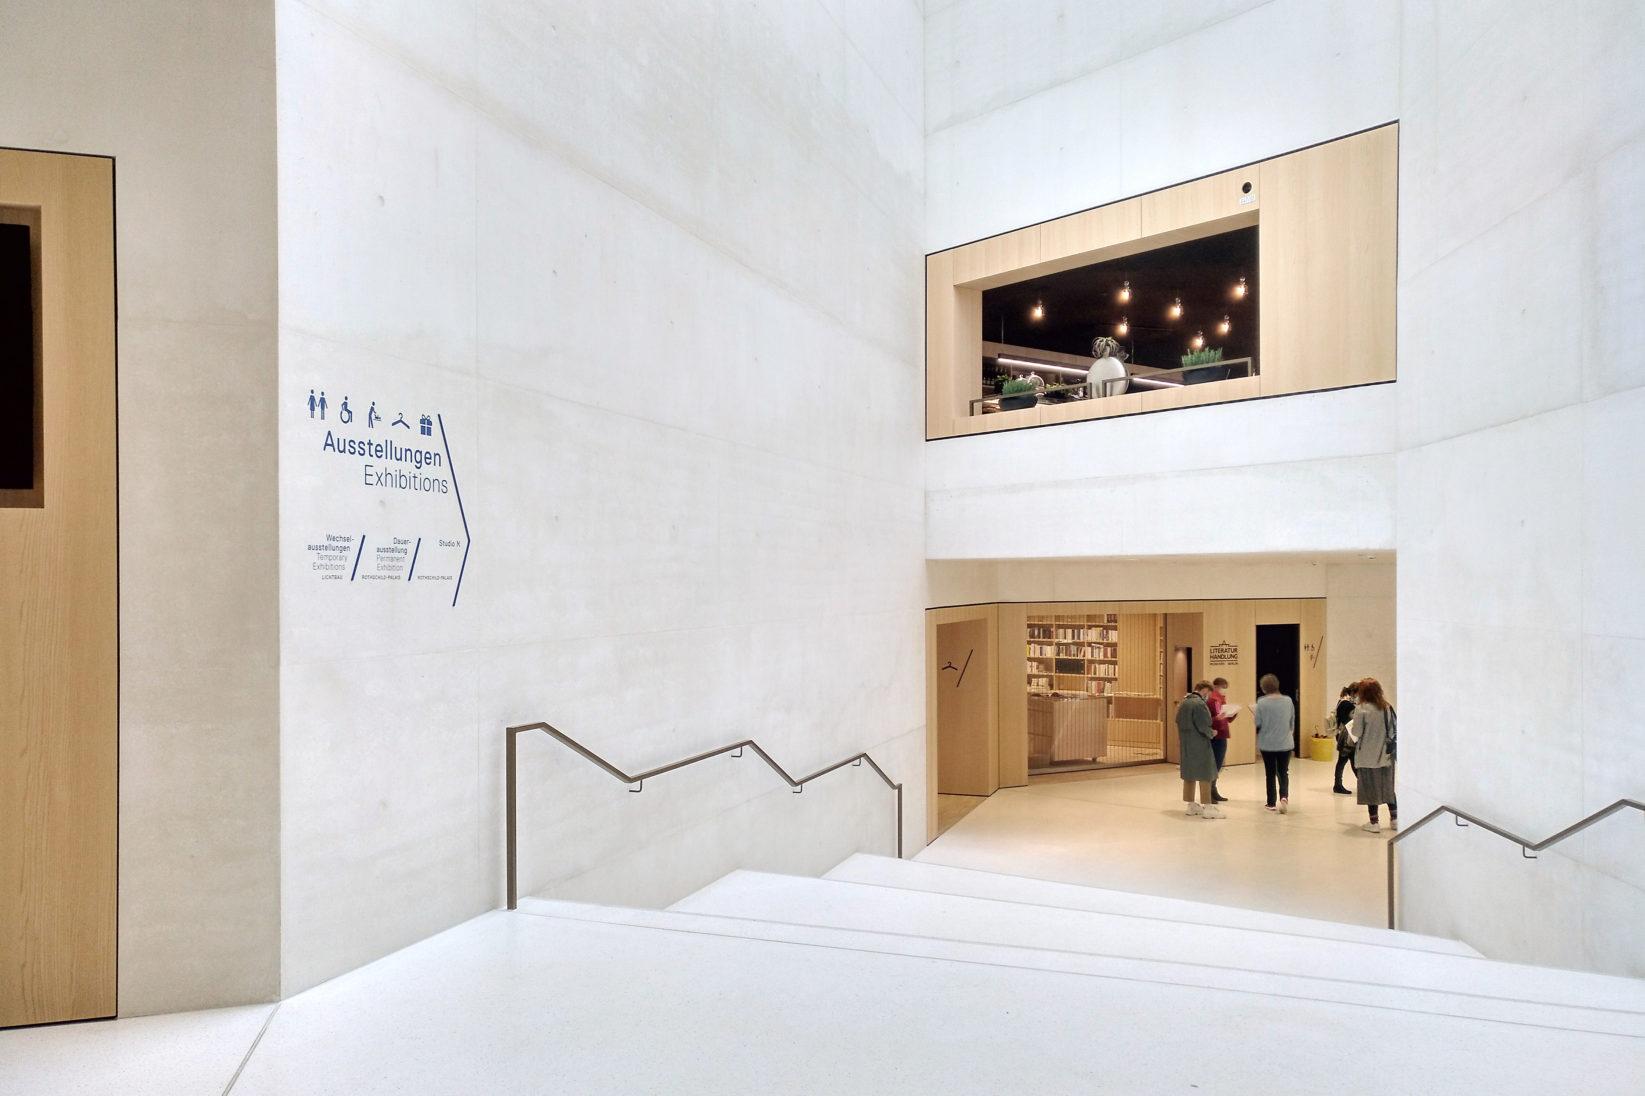 Jüdisches Museum Frankfurt Signage Foyer